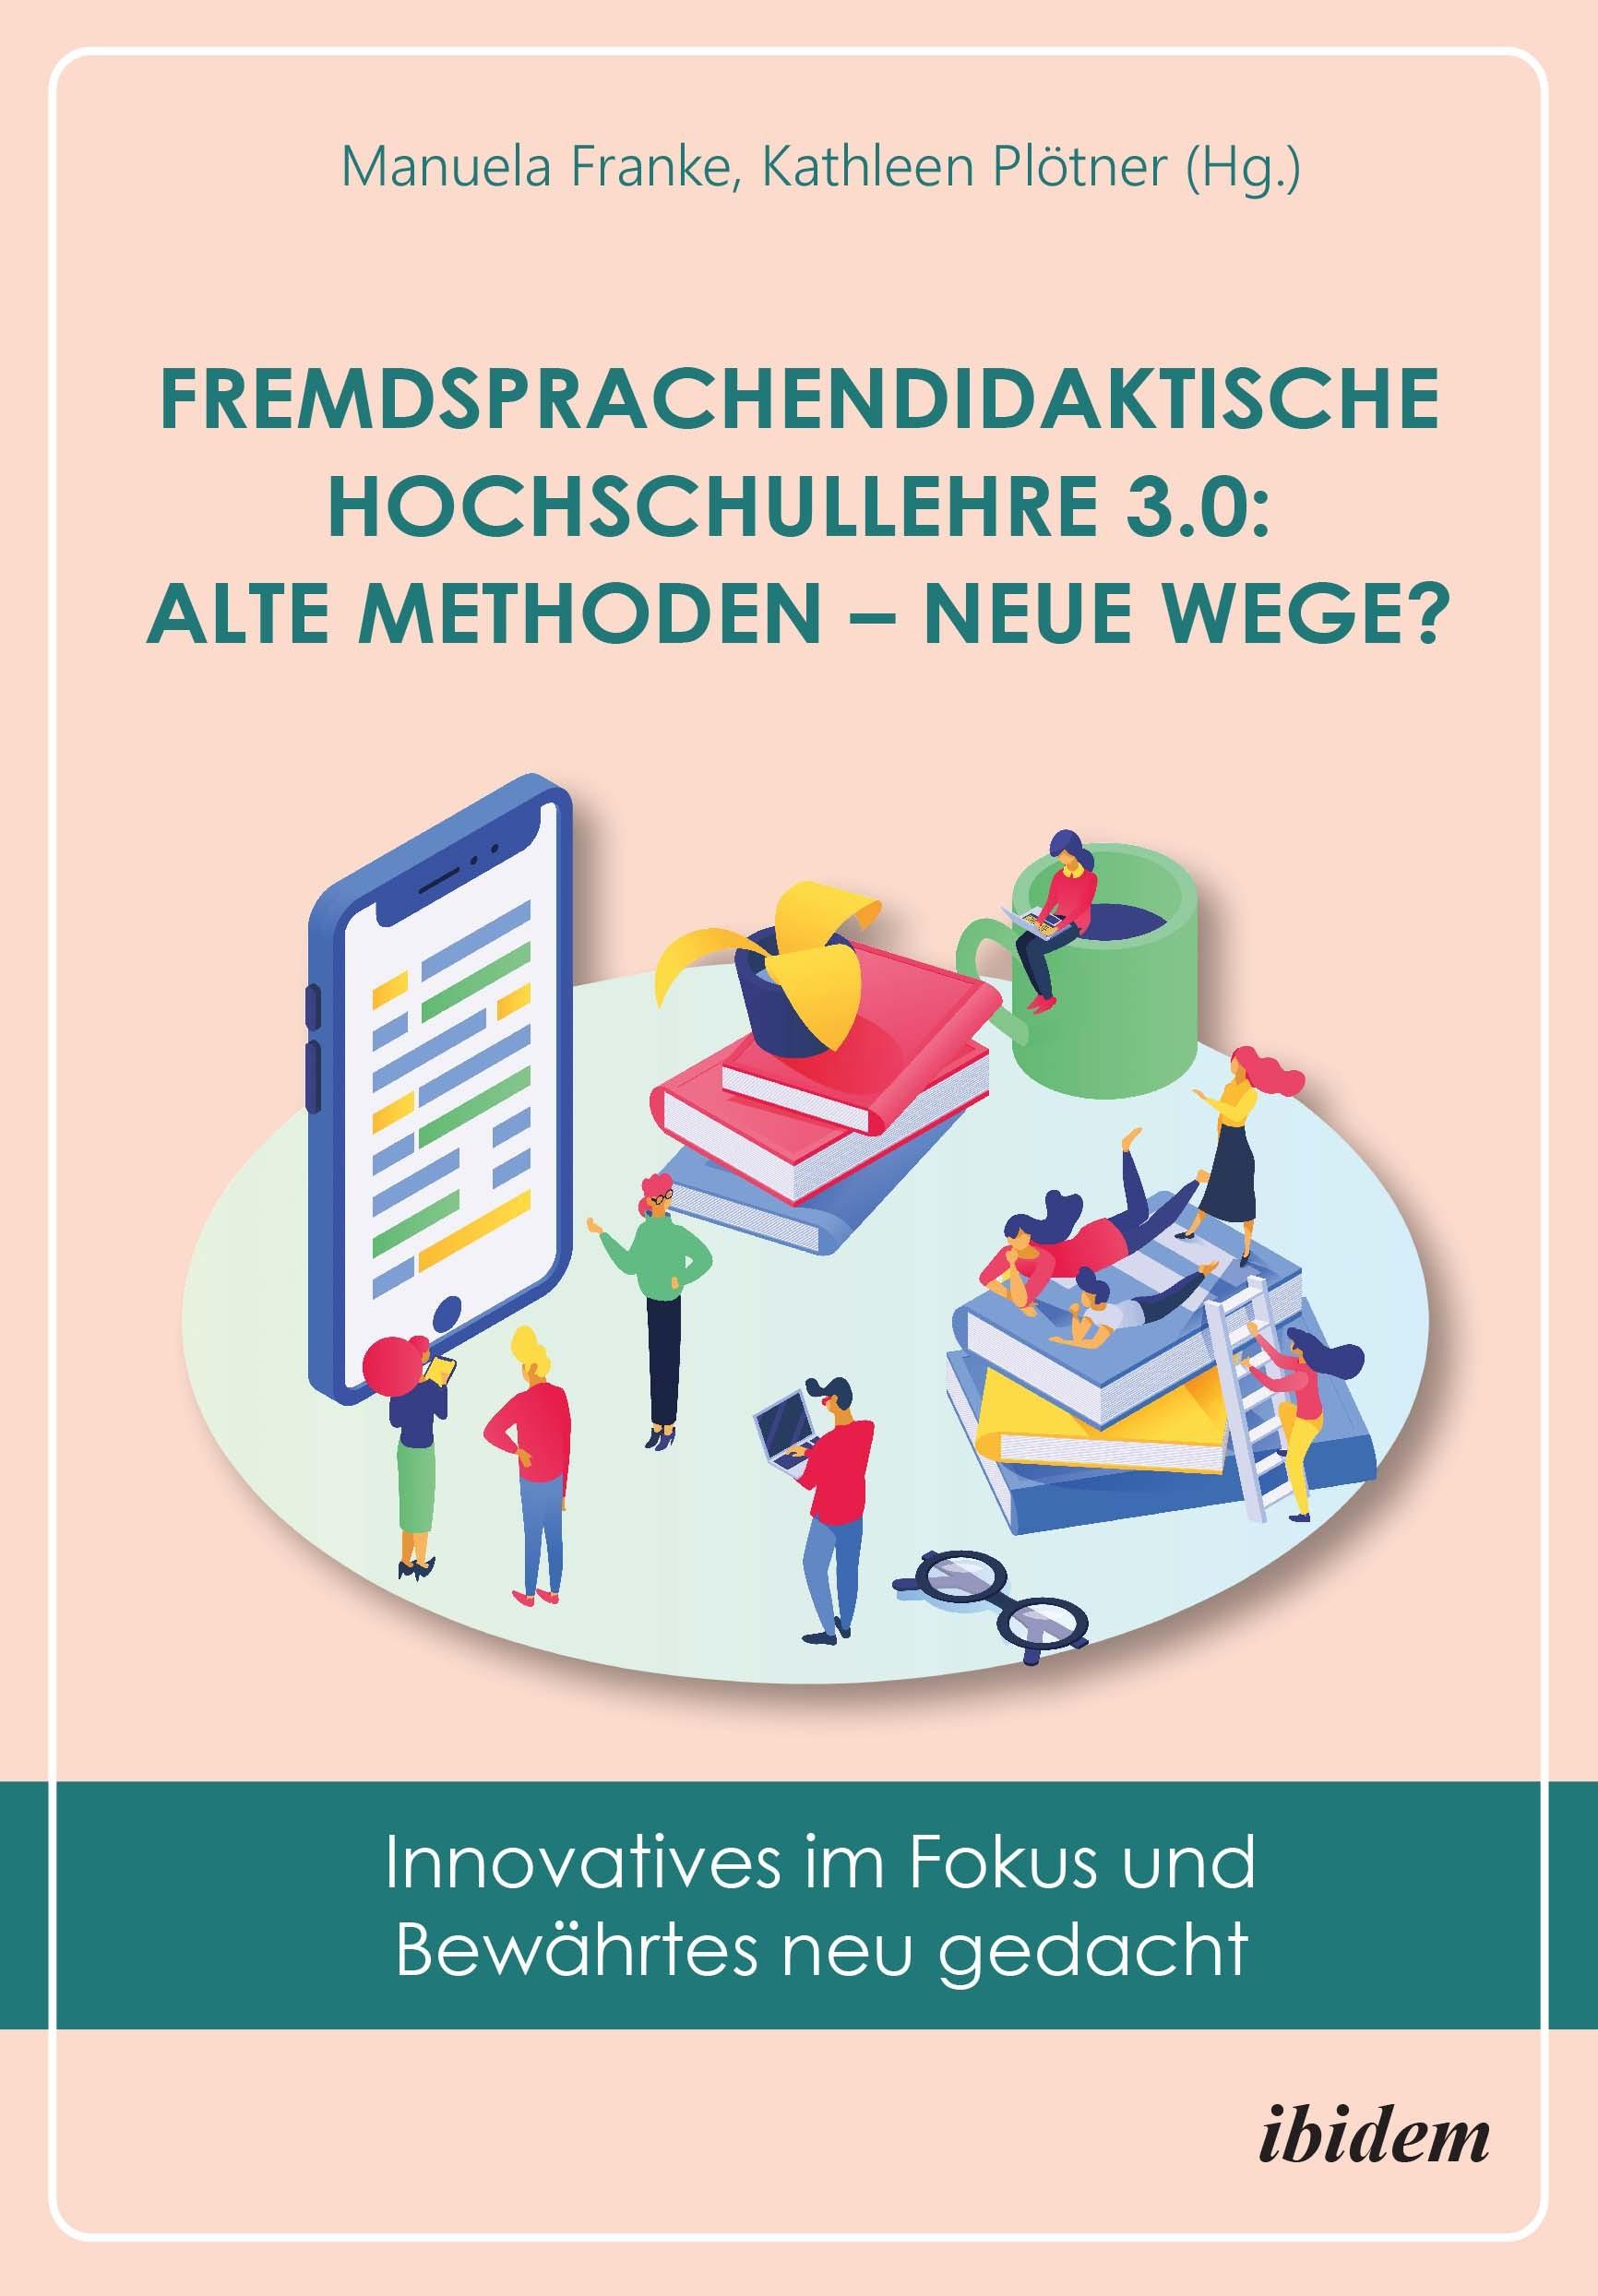 Fremdsprachendidaktische Hochschullehre 3.0: Alte Methoden – neue Wege?